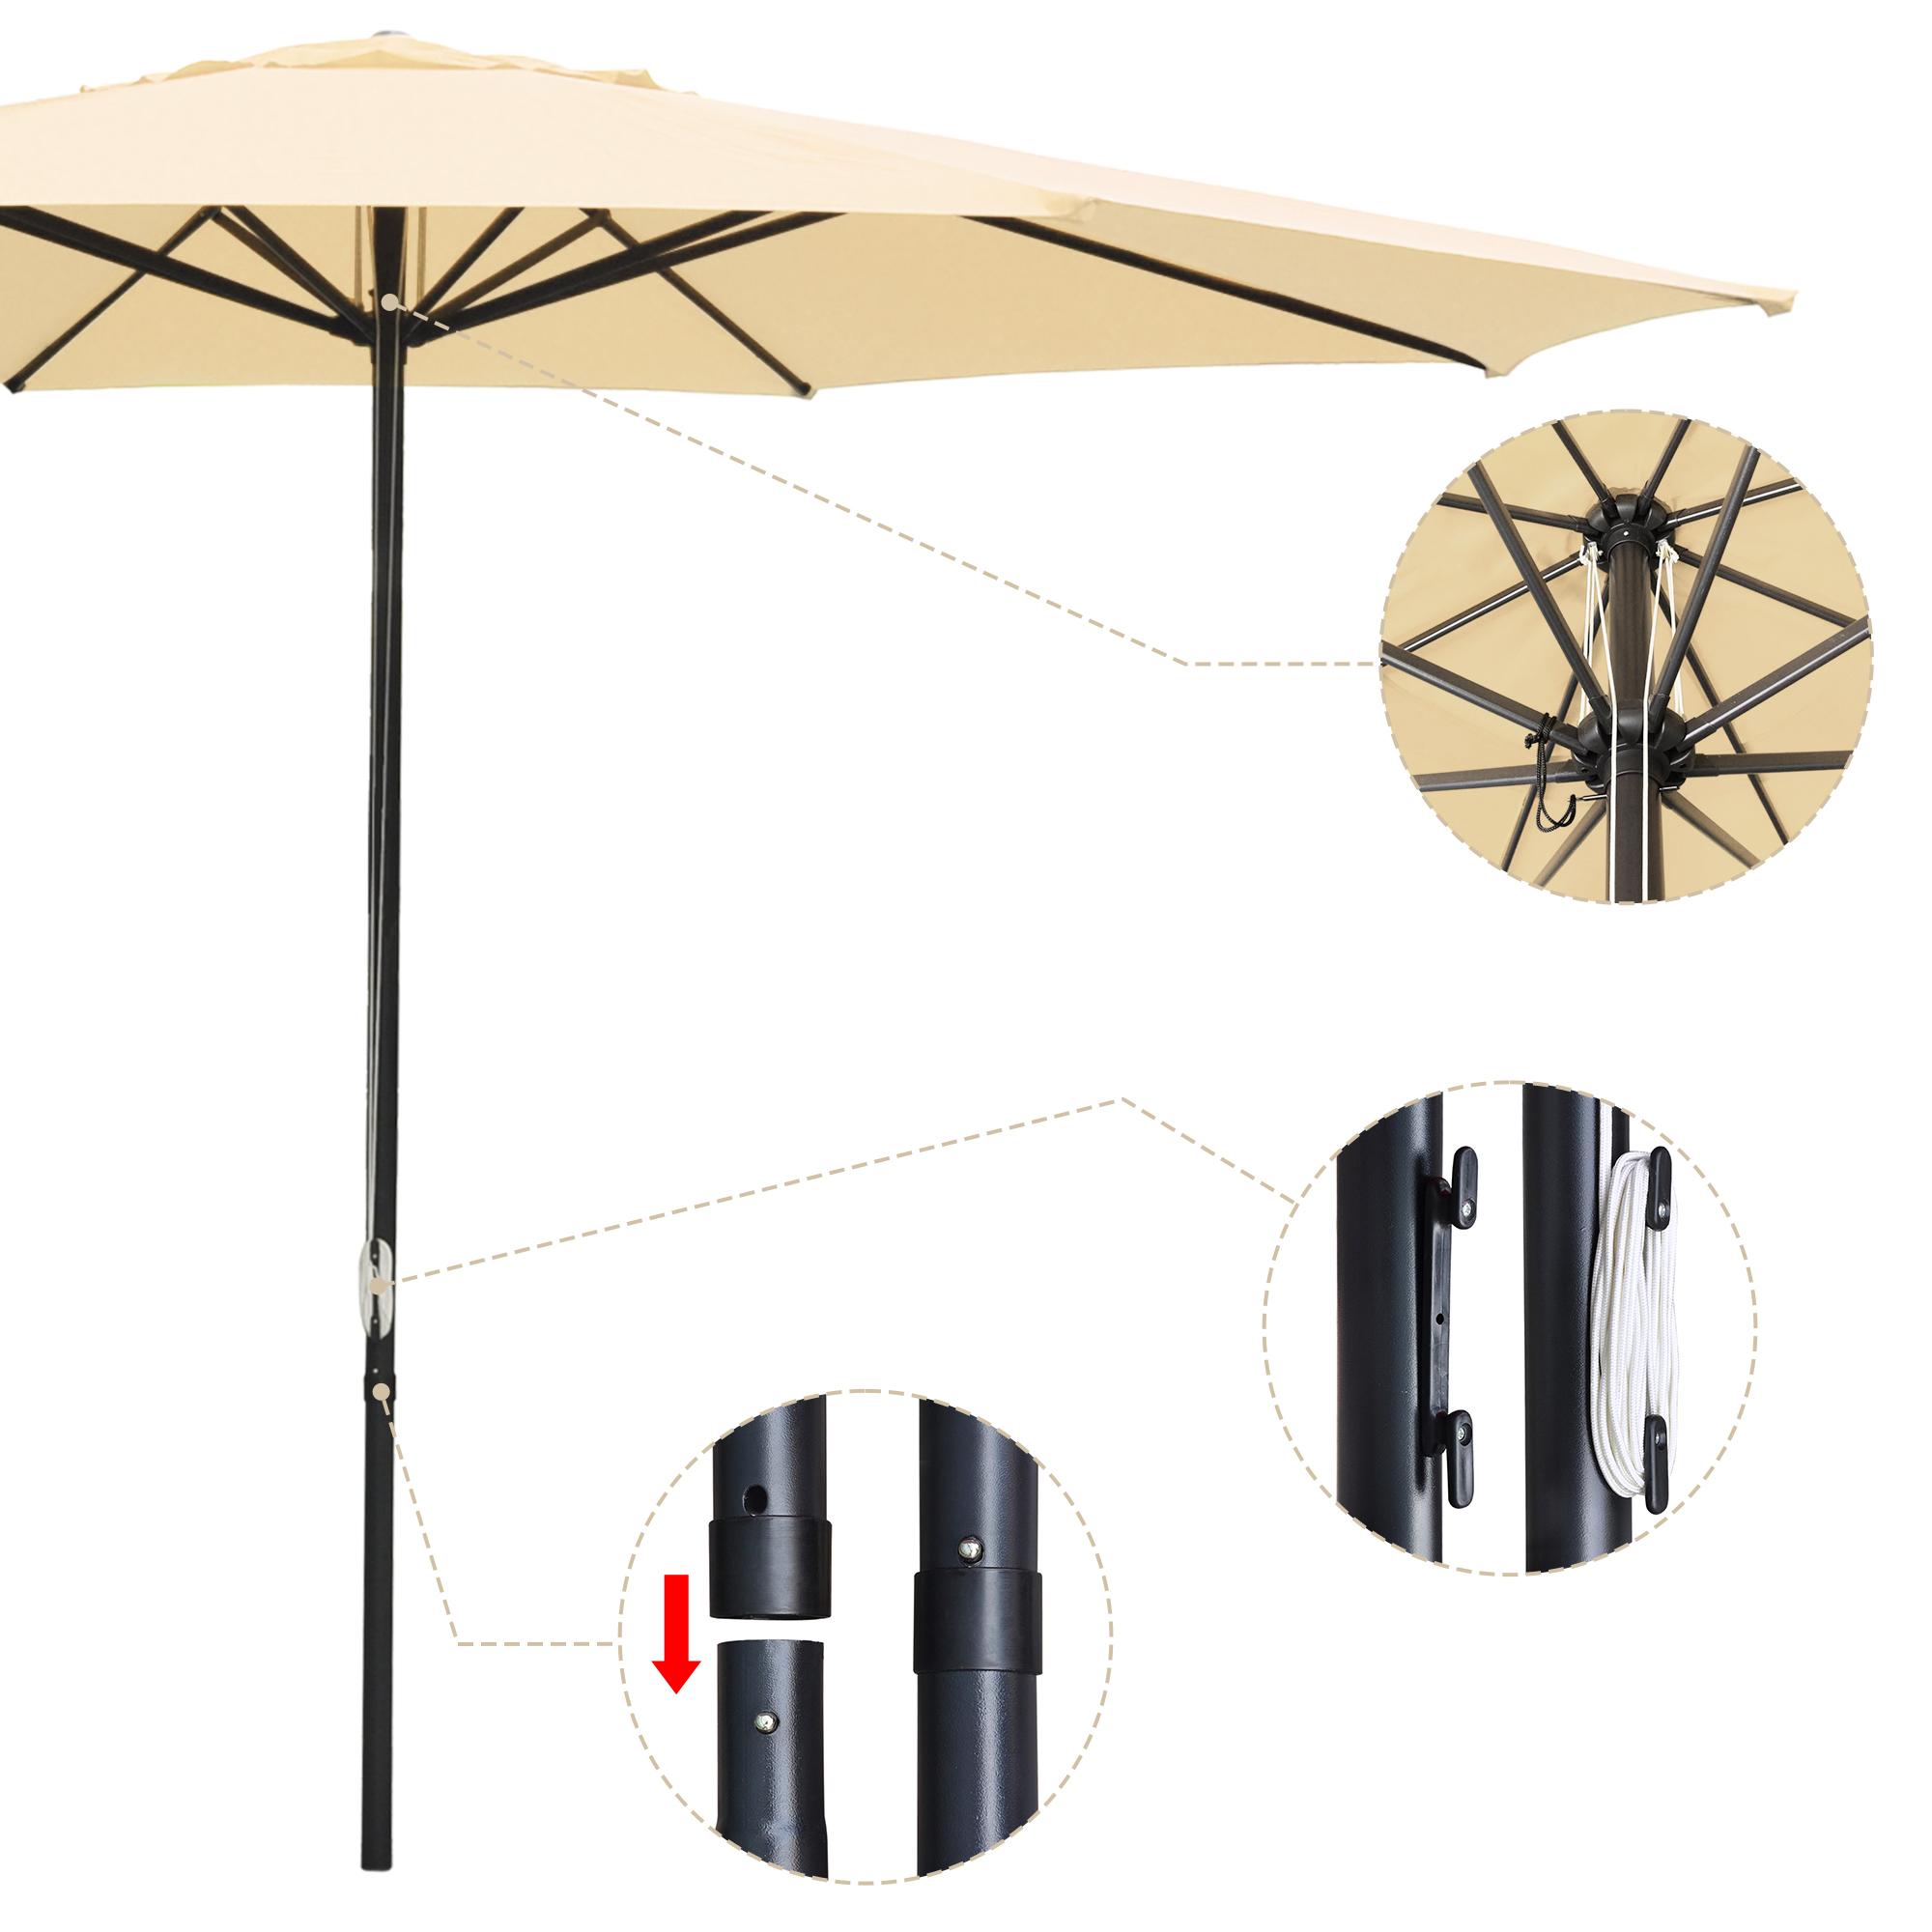 thumbnail 34 - 13' FT Sun Shade Patio Aluminum Umbrella UV30+ Outdoor Market Garden Beach Deck